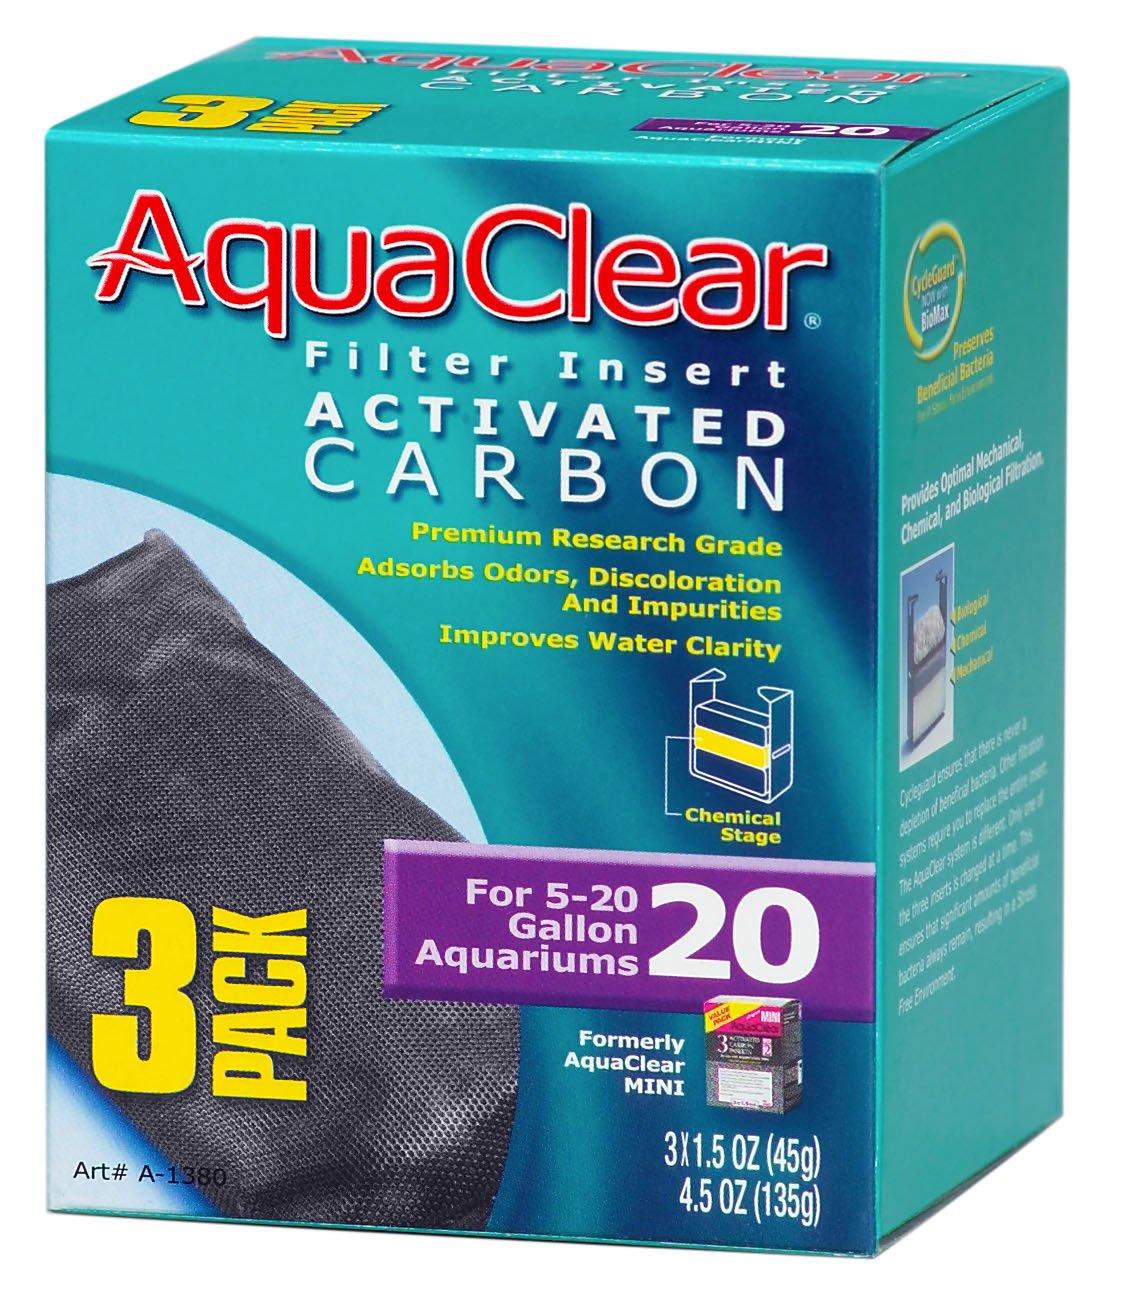 Aquaclear Activated Carbon Insert, 20-Gallon Aquariums, 3-Pack by Aqua Clear